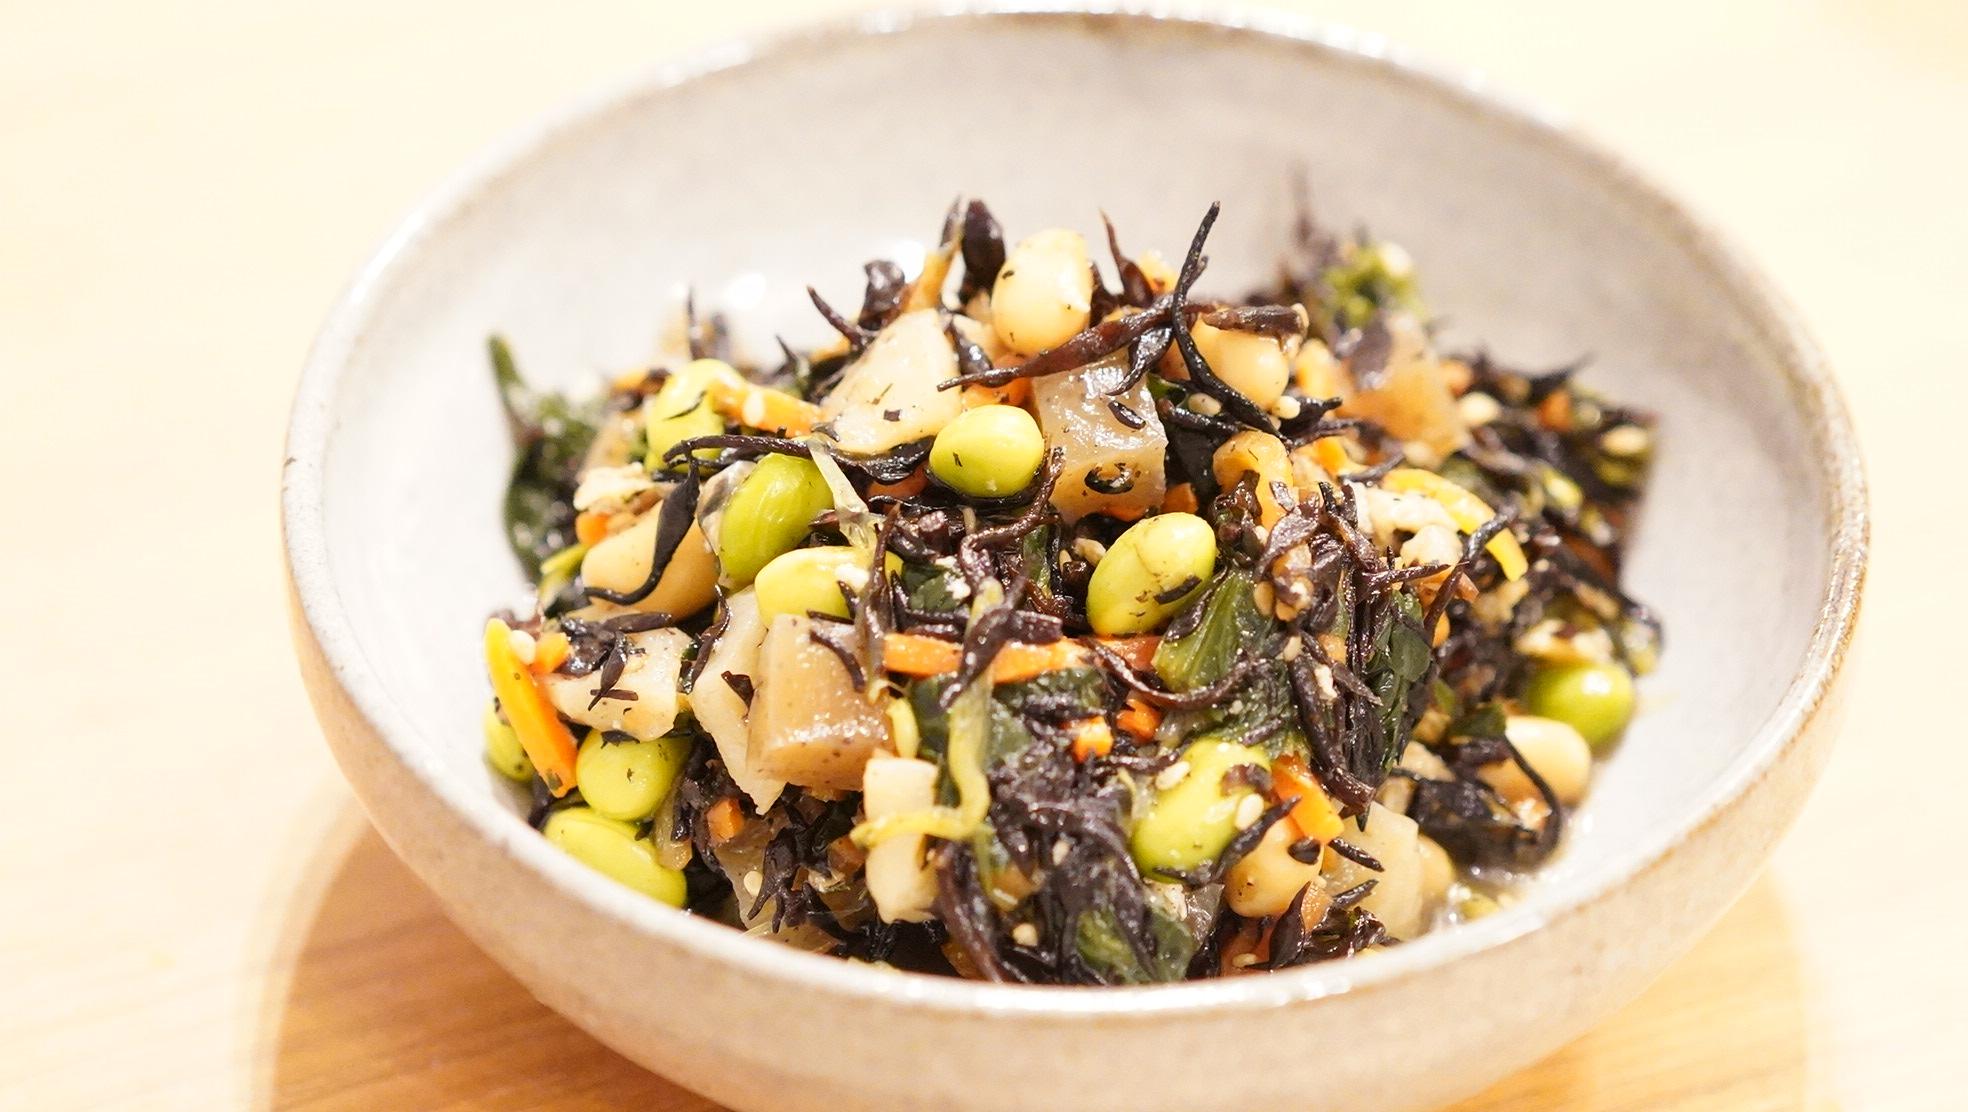 無印良品のおすすめ冷凍食品「彩り野菜とひじきの煮物」の写真